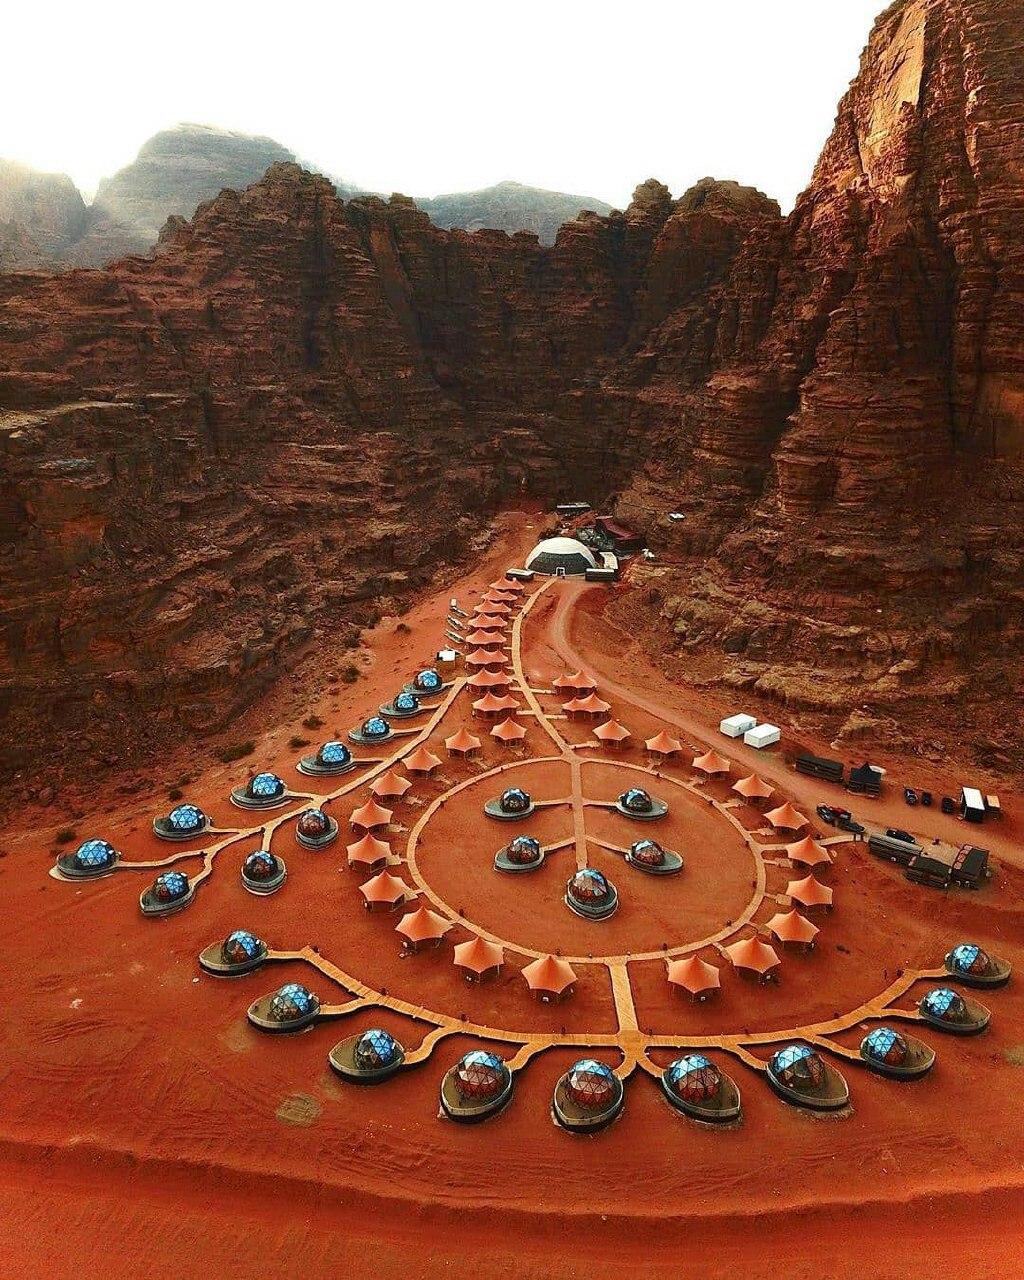 8758889 - هتل صحرایی لوکس در اردن + عکس